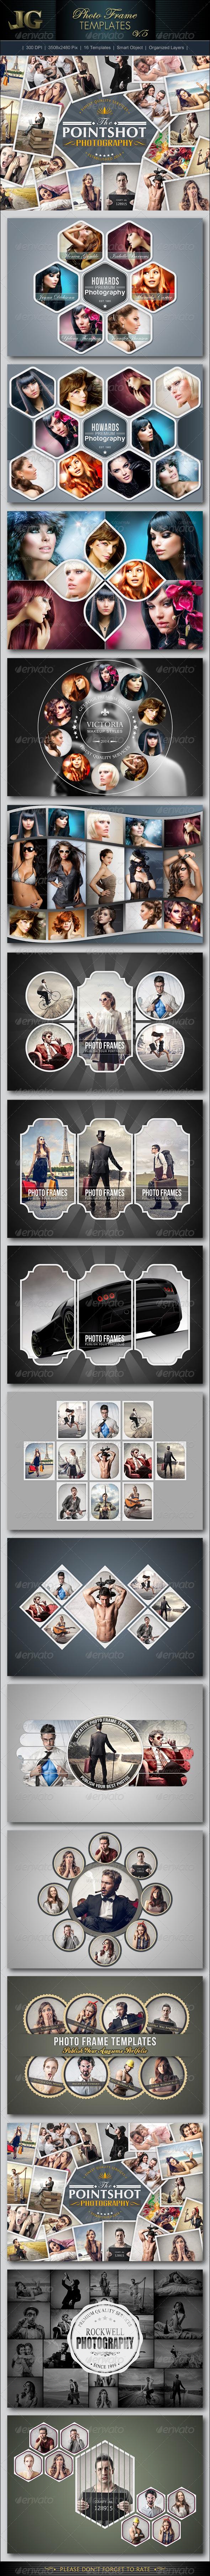 GraphicRiver Photo Frame Templates V5 6714851